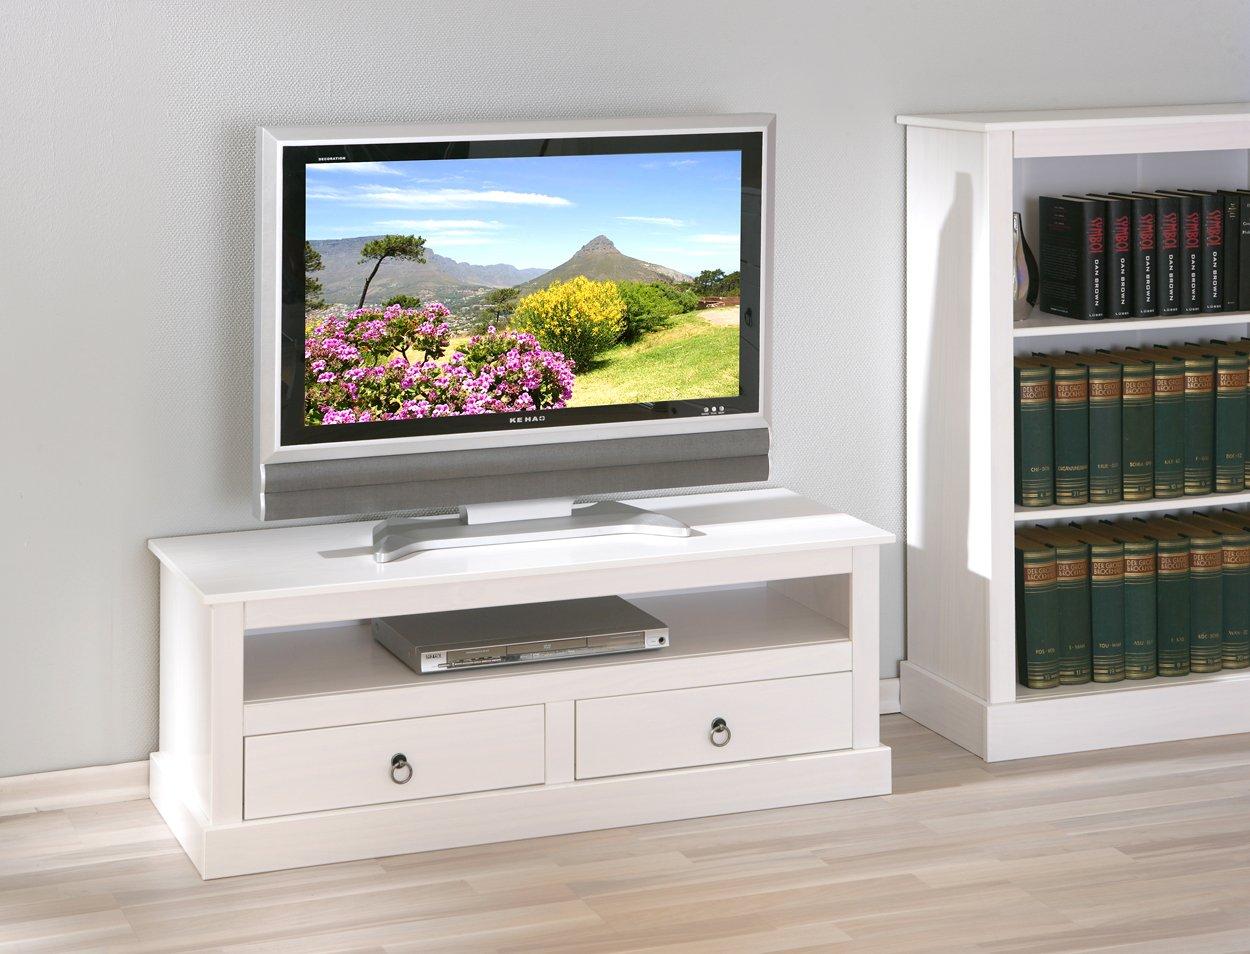 Mueble para televisor, color blanco, diseño rústico de pino maciza: Amazon.es: Hogar